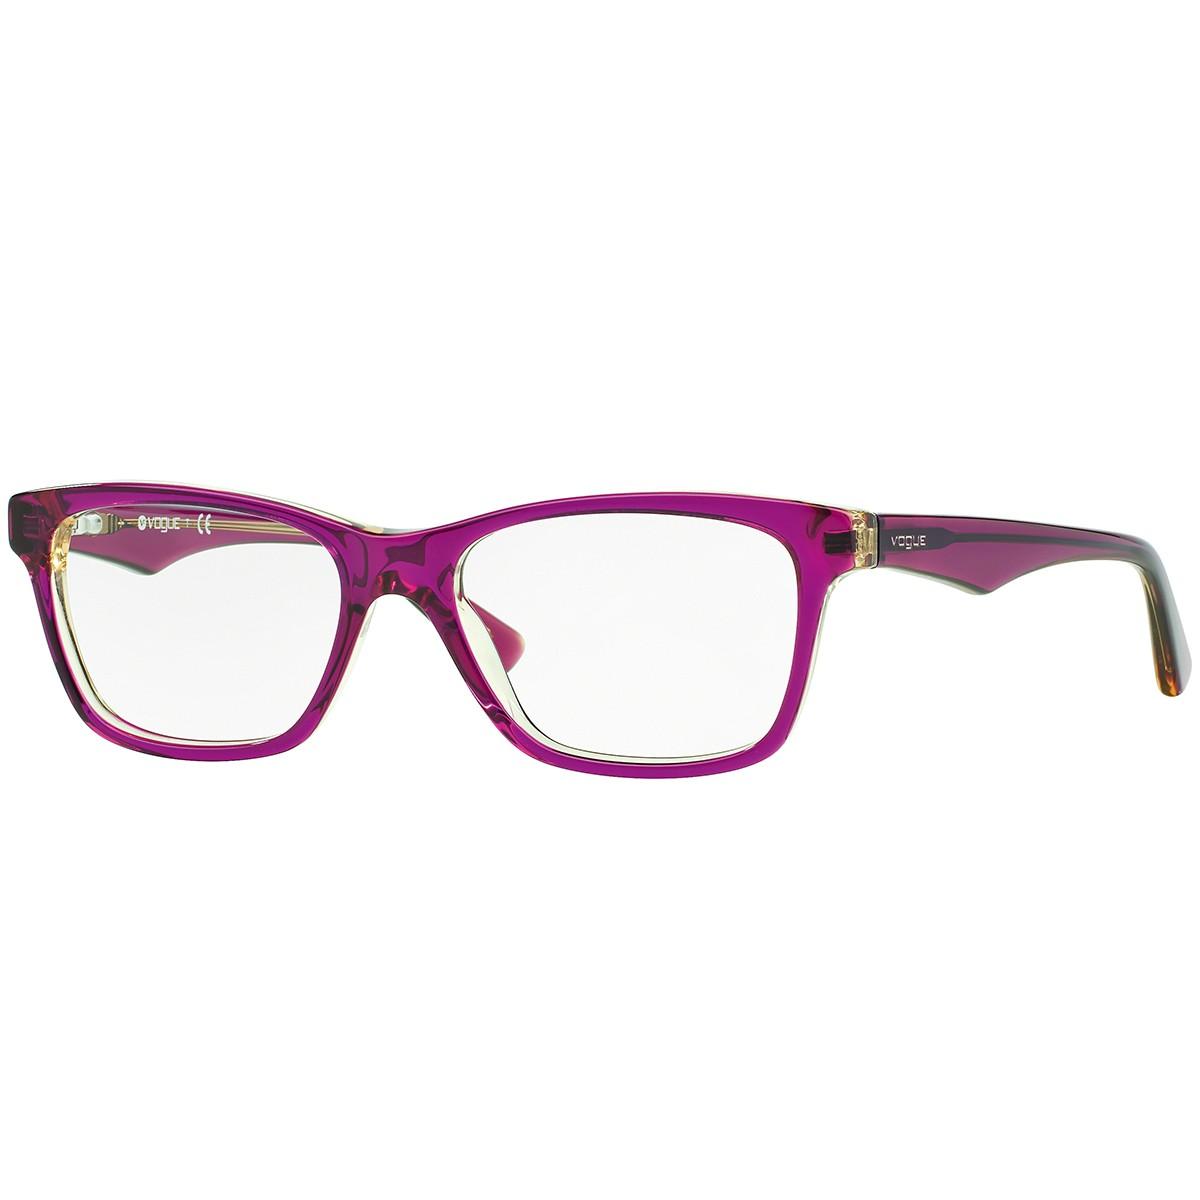 Óculos de Grau Vogue VO 2787 2063 24c16eb3f5